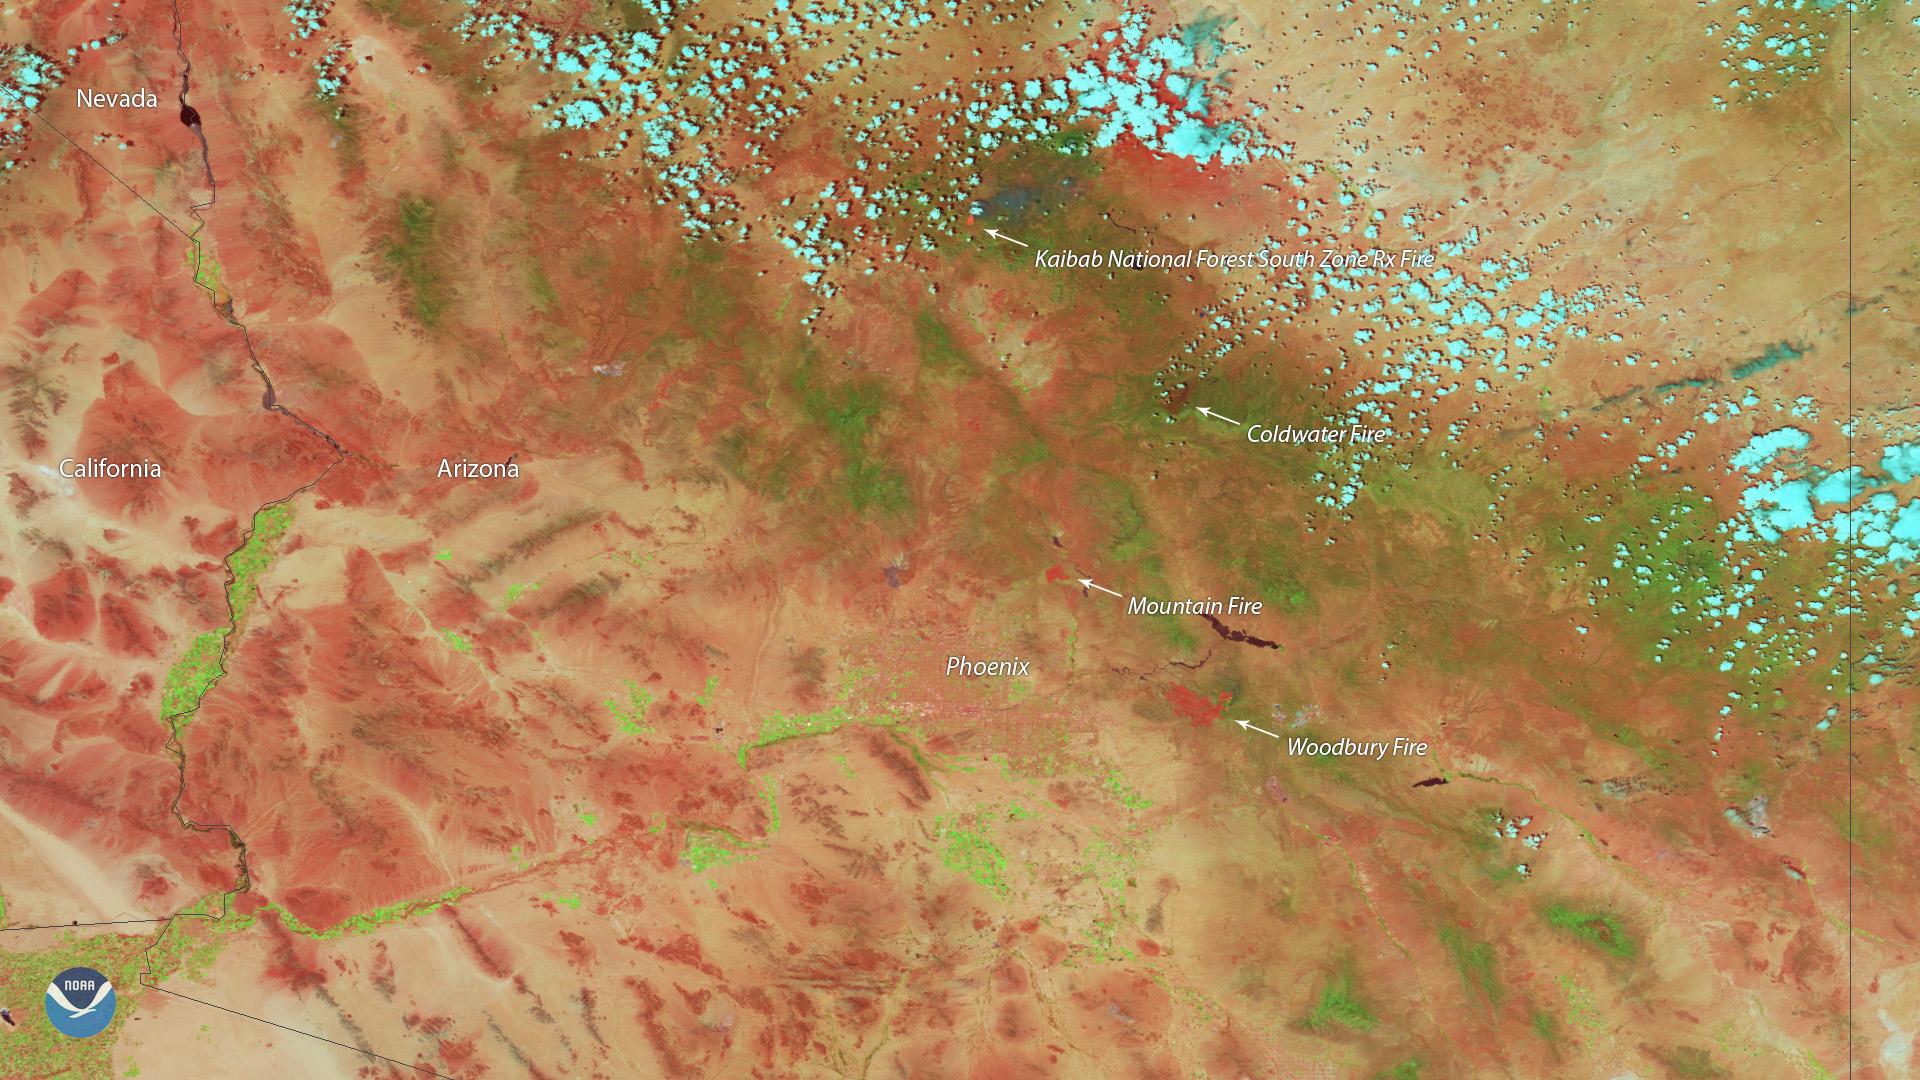 Arizona Photo of fires